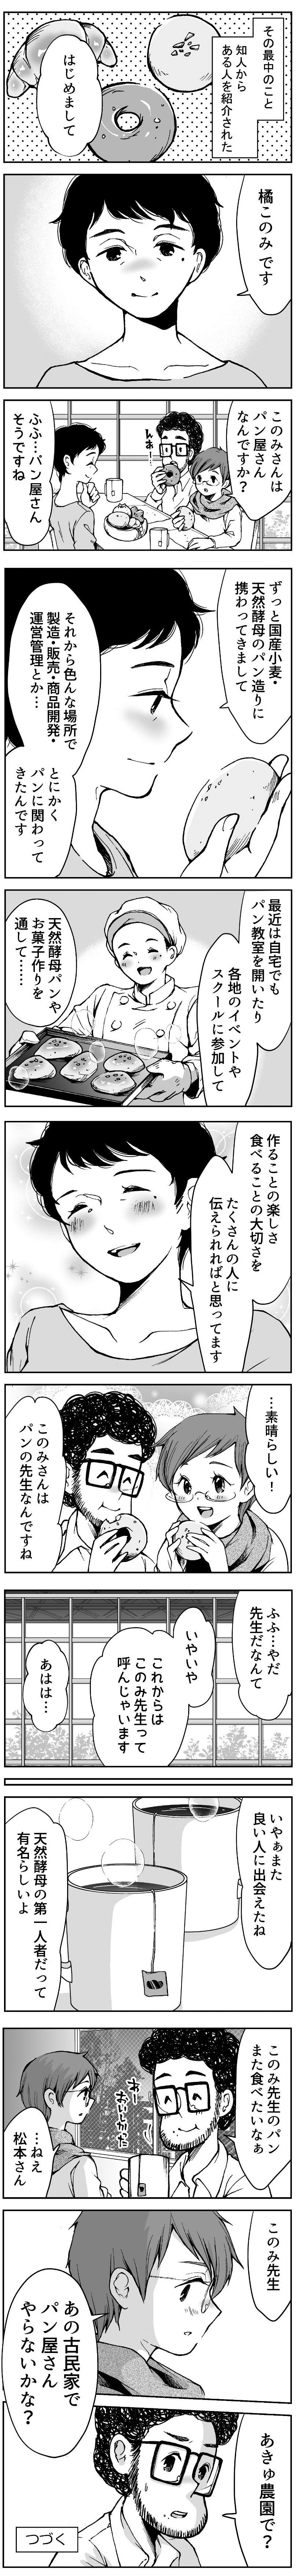 90-3.jpg